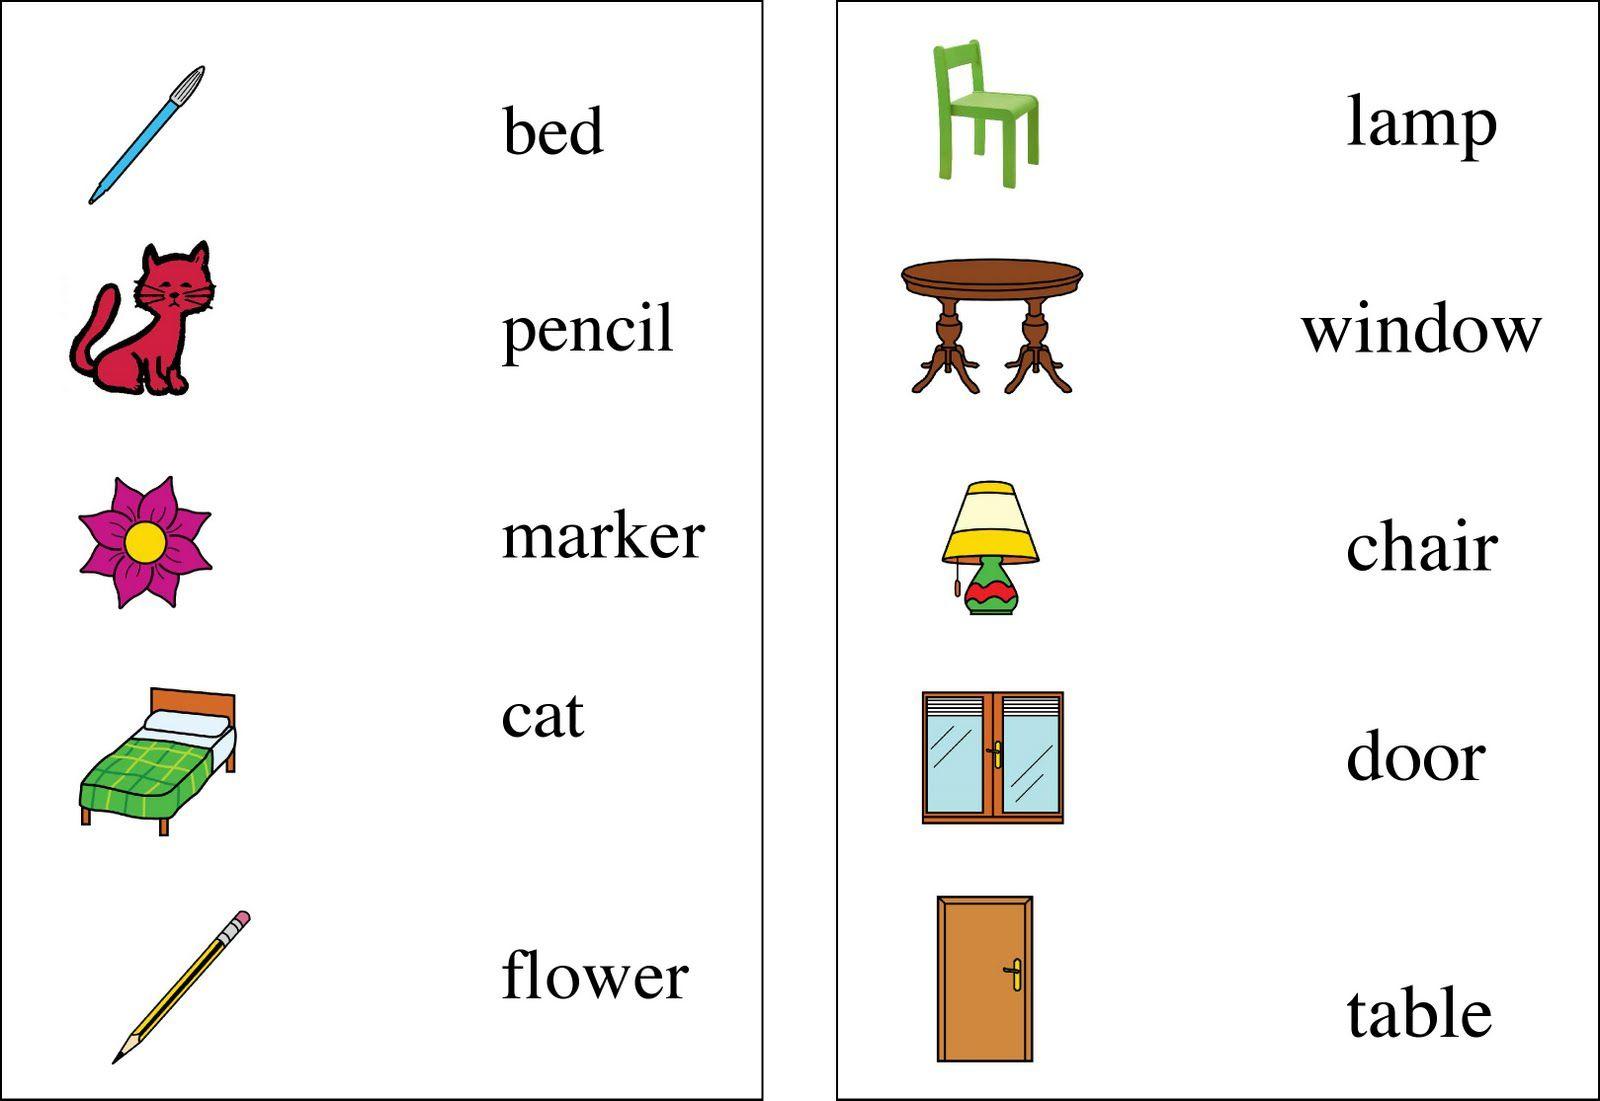 Cartel Con Vocabulario En Ingles Vocabulario En Ingles Ingles Para Ninos Ingles Para Preescolar